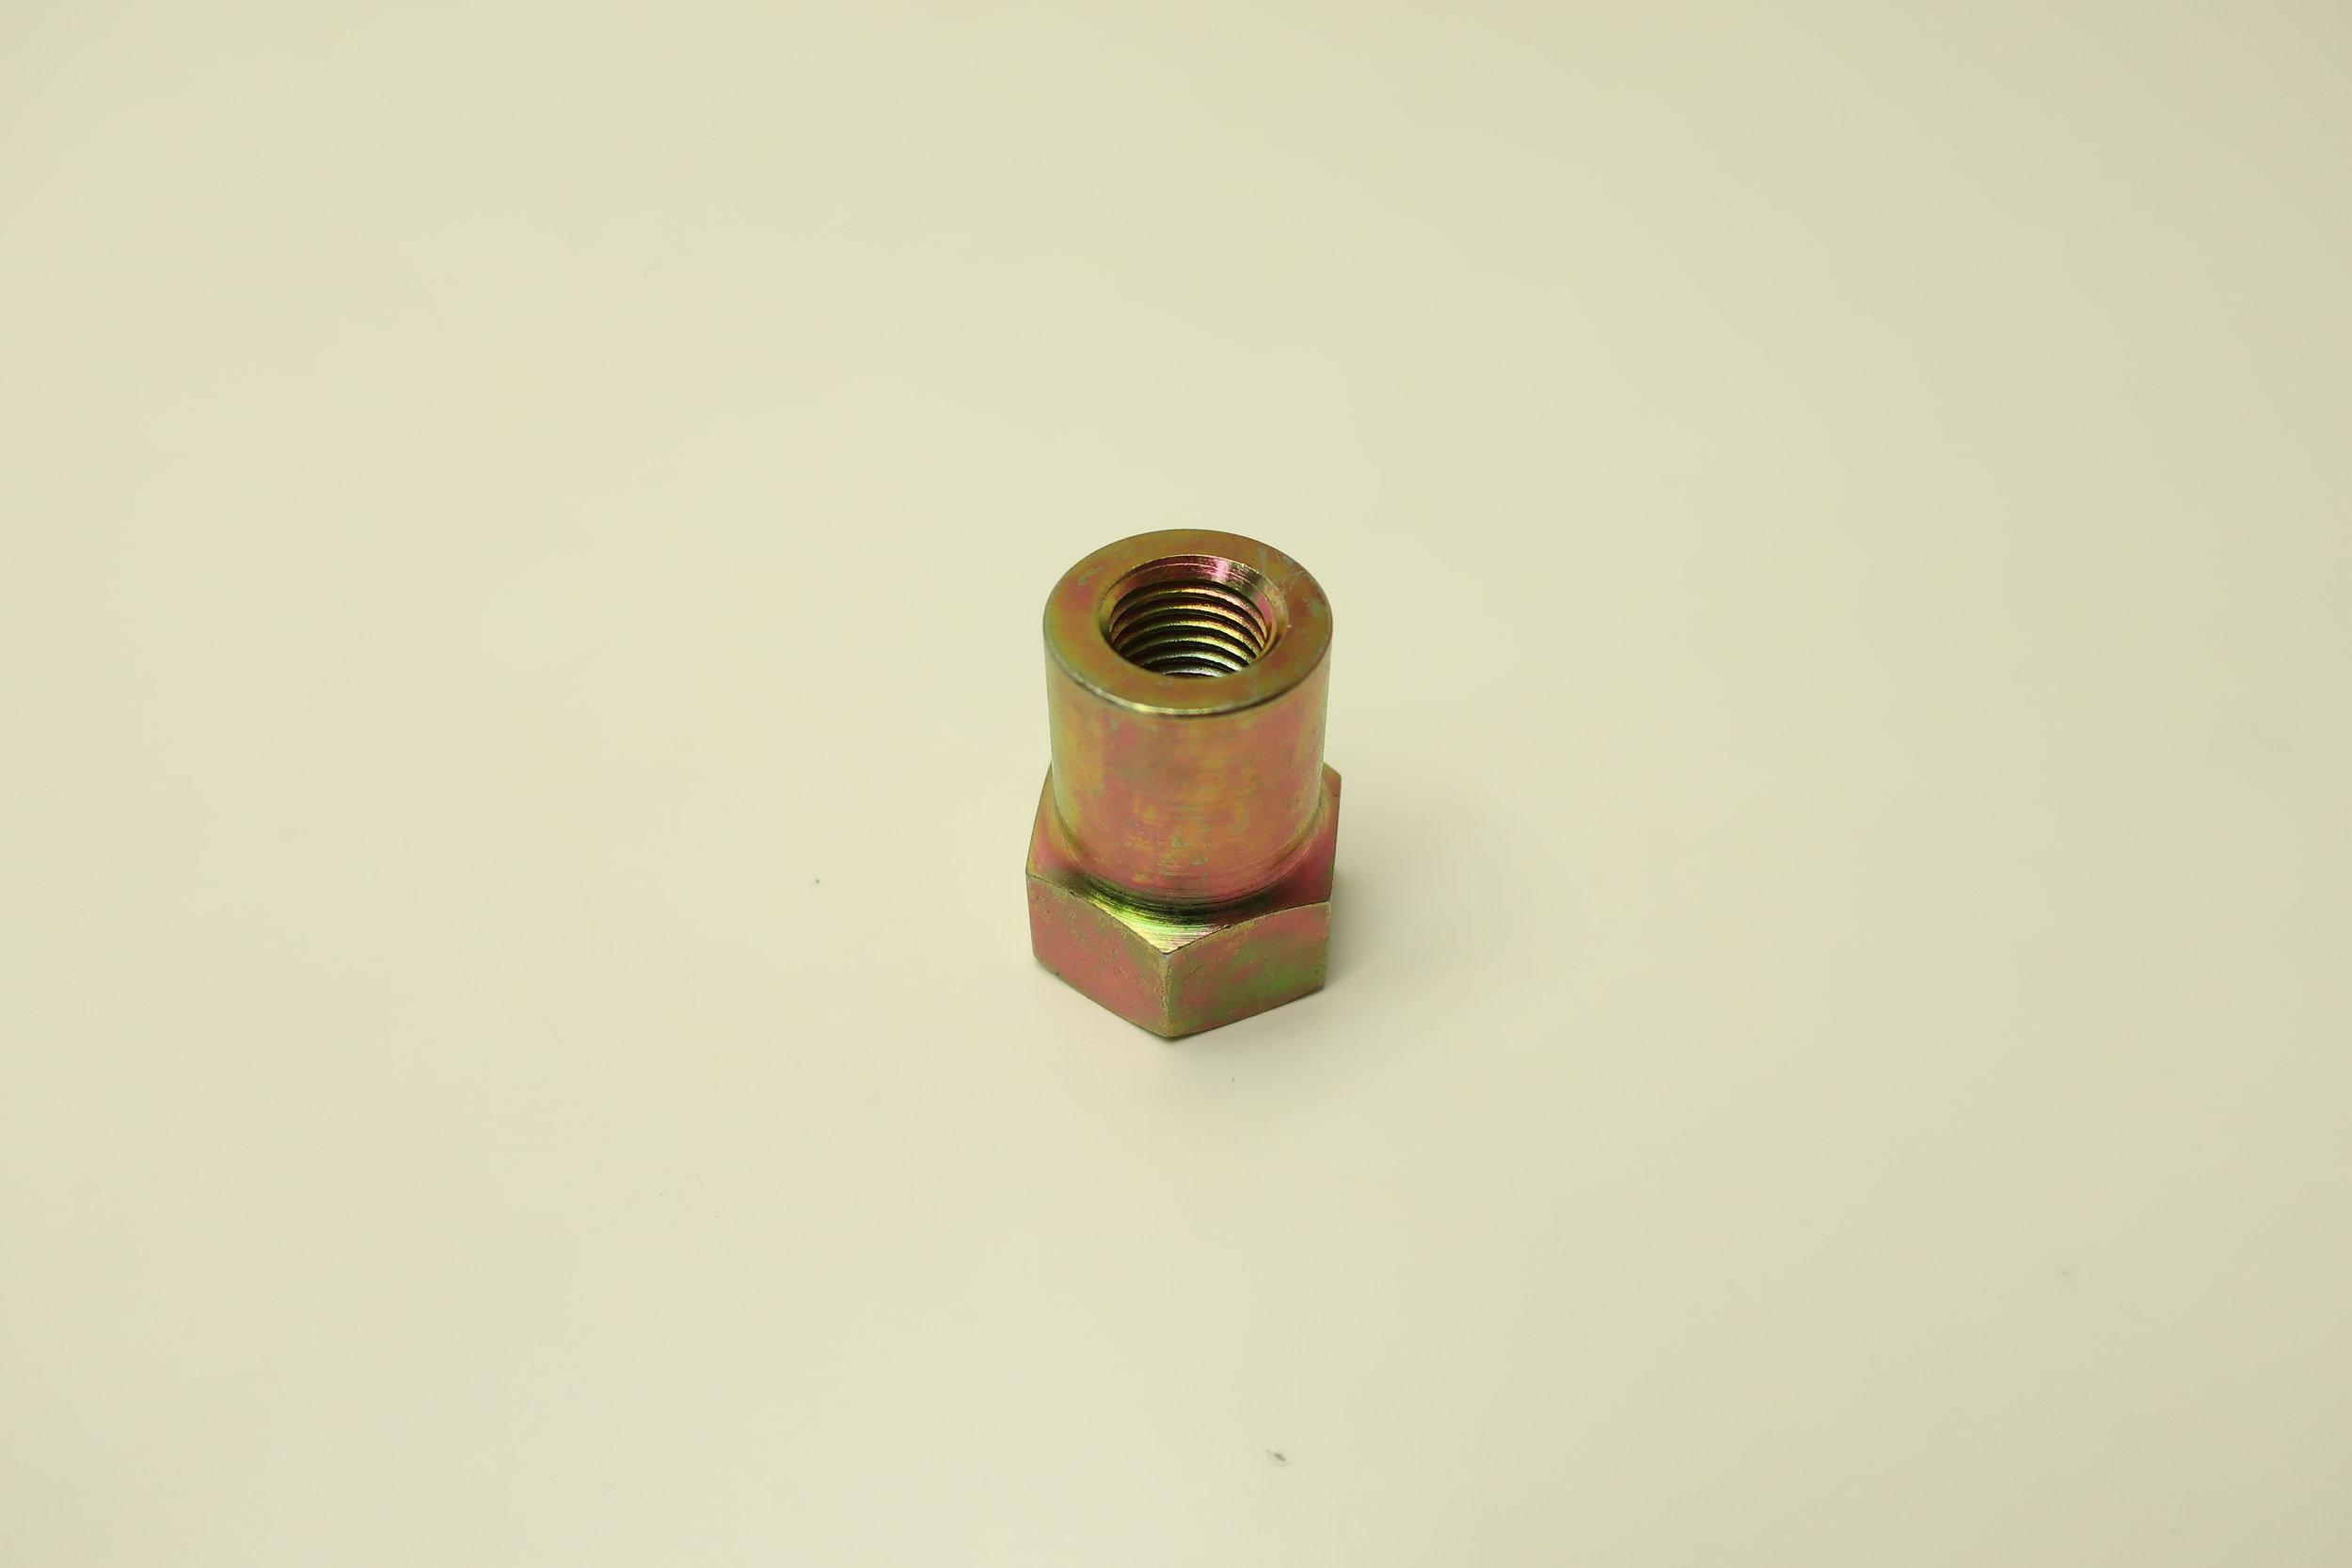 Leaf spring Nut Häggo NR: 453 7640-001 price: 160 SEK